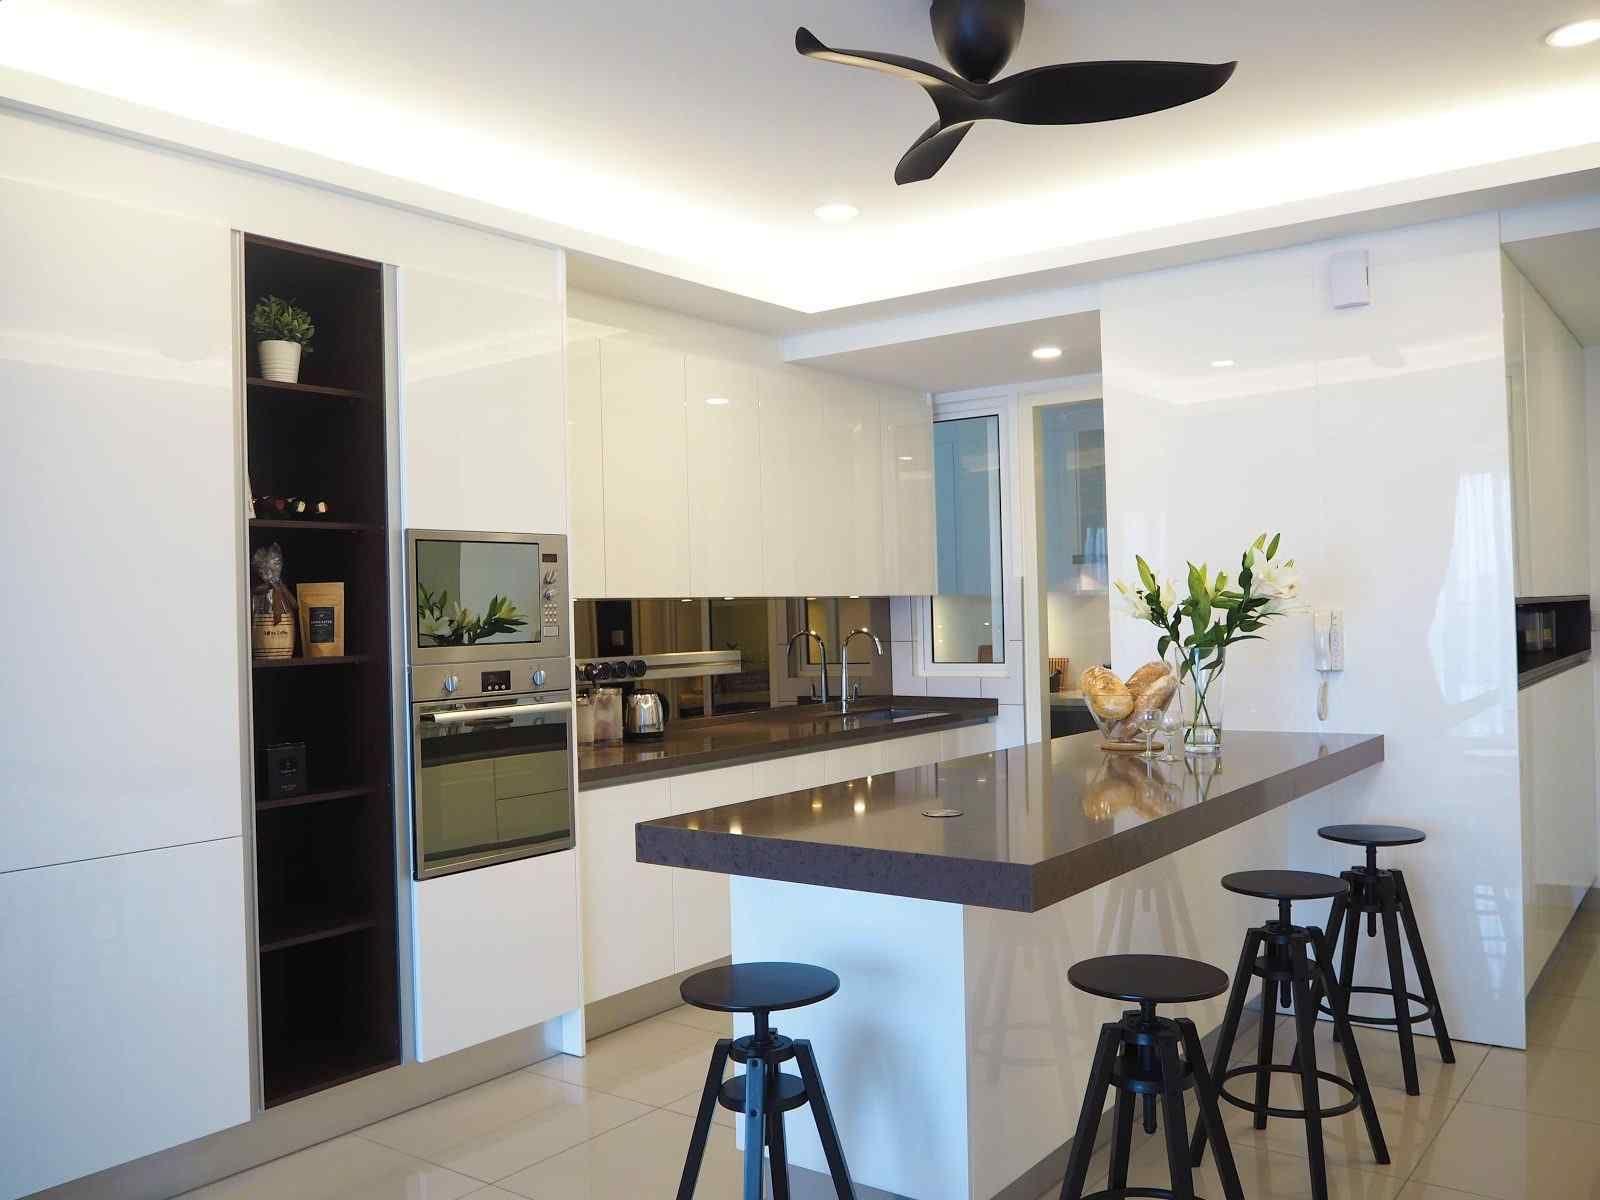 Wet Dry Kitchen Luxury Wet Dry Kitchen Dry Wet Kitchen For Residential Interior Design Renova Interior Design Kitchen Kitchen Interior Small Condo Kitchen